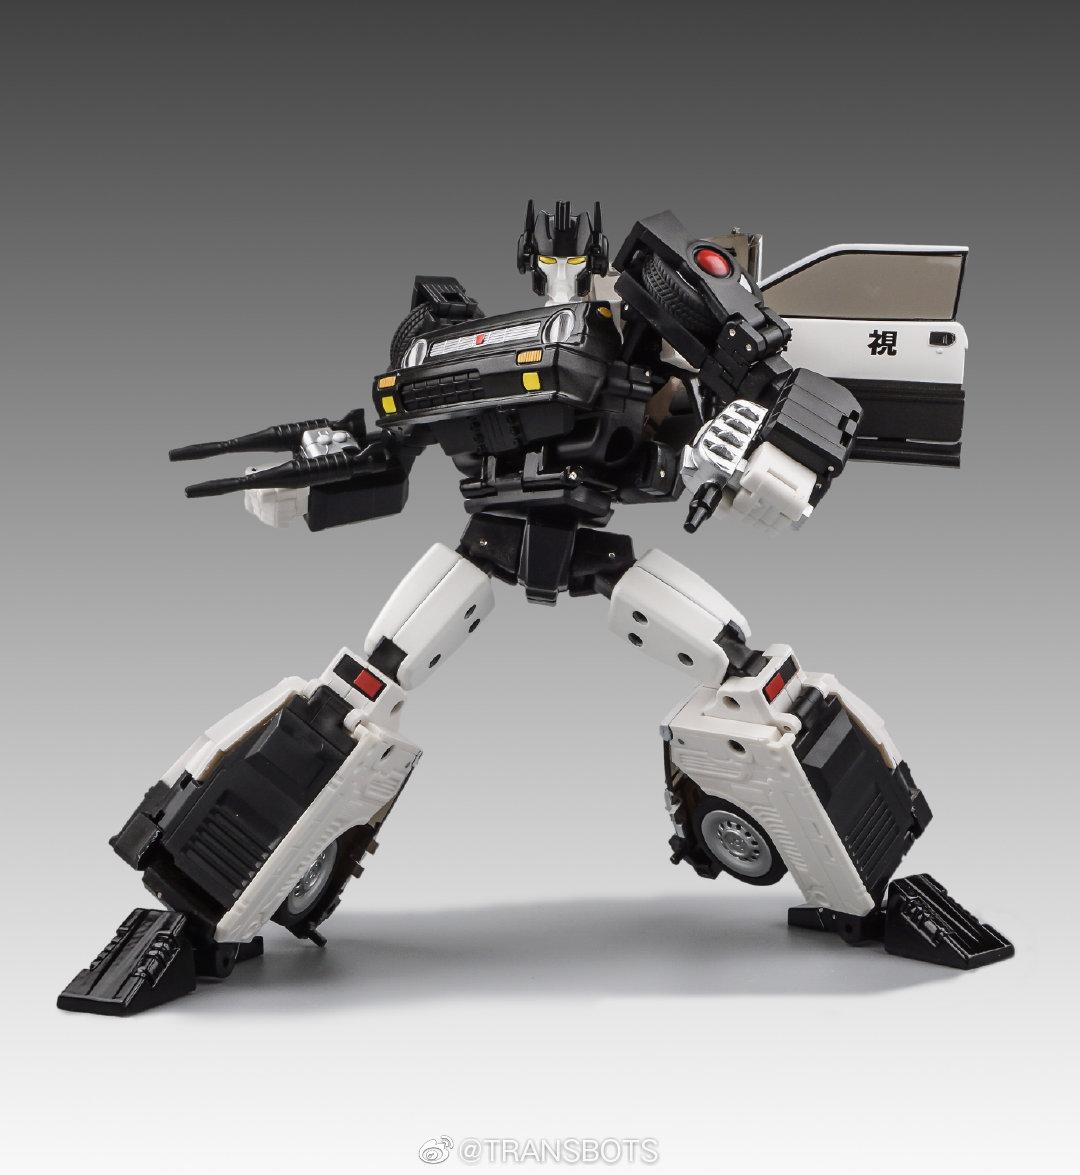 NEW X-TRANSBOTS Transformers MX-17 MX-XVII Savant Skids Figure In Stock